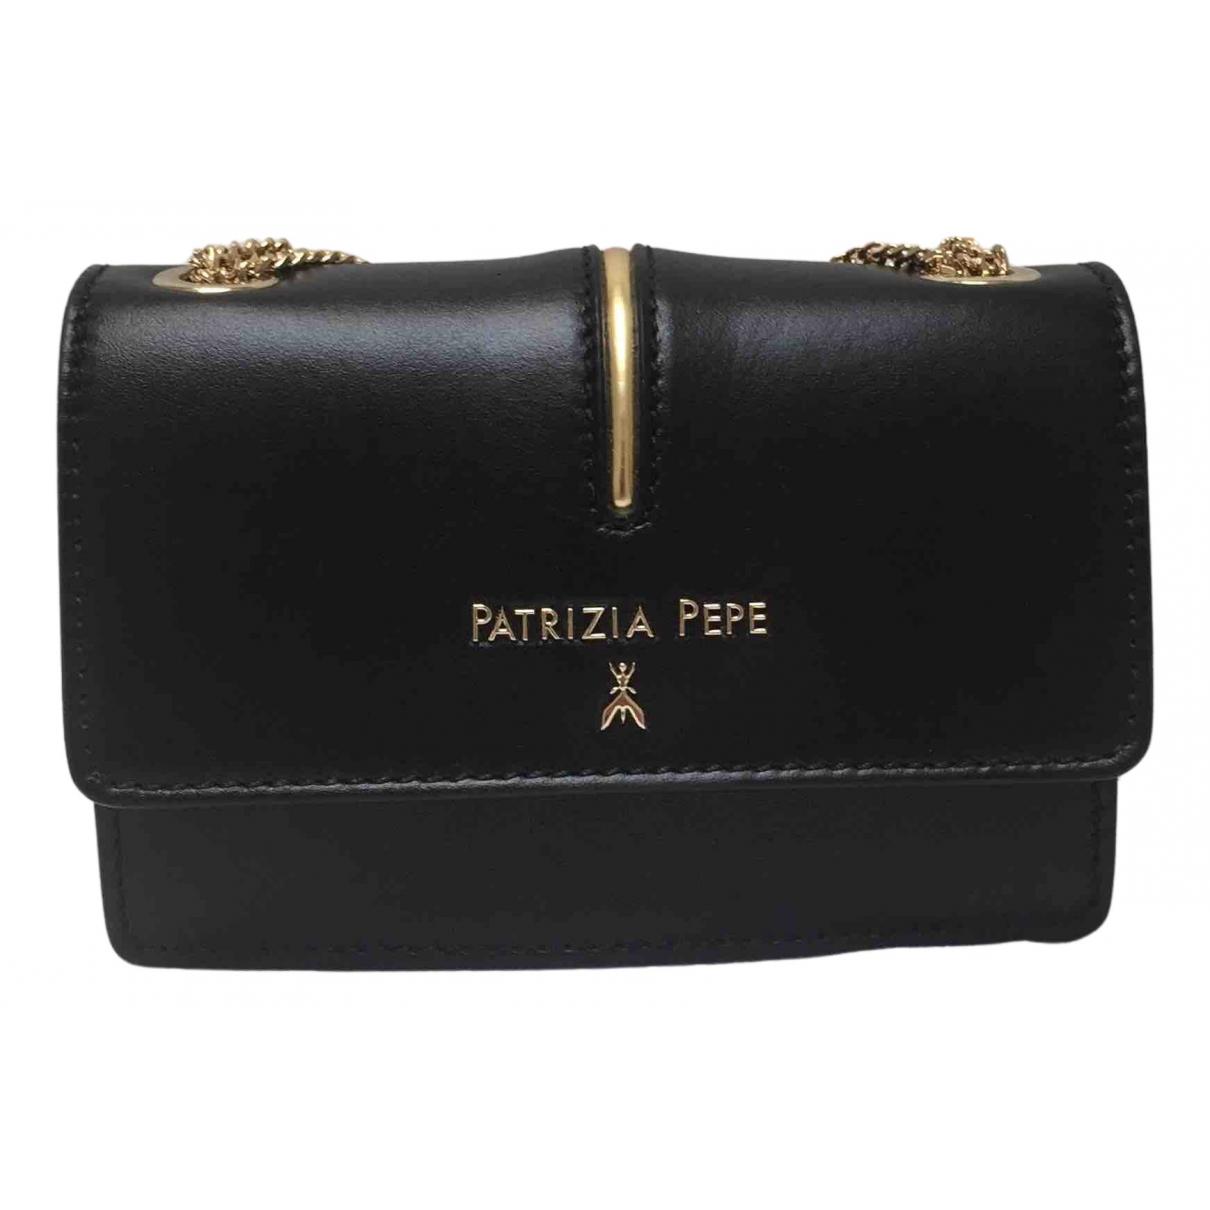 Patrizia Pepe - Sac a main   pour femme en cuir - noir